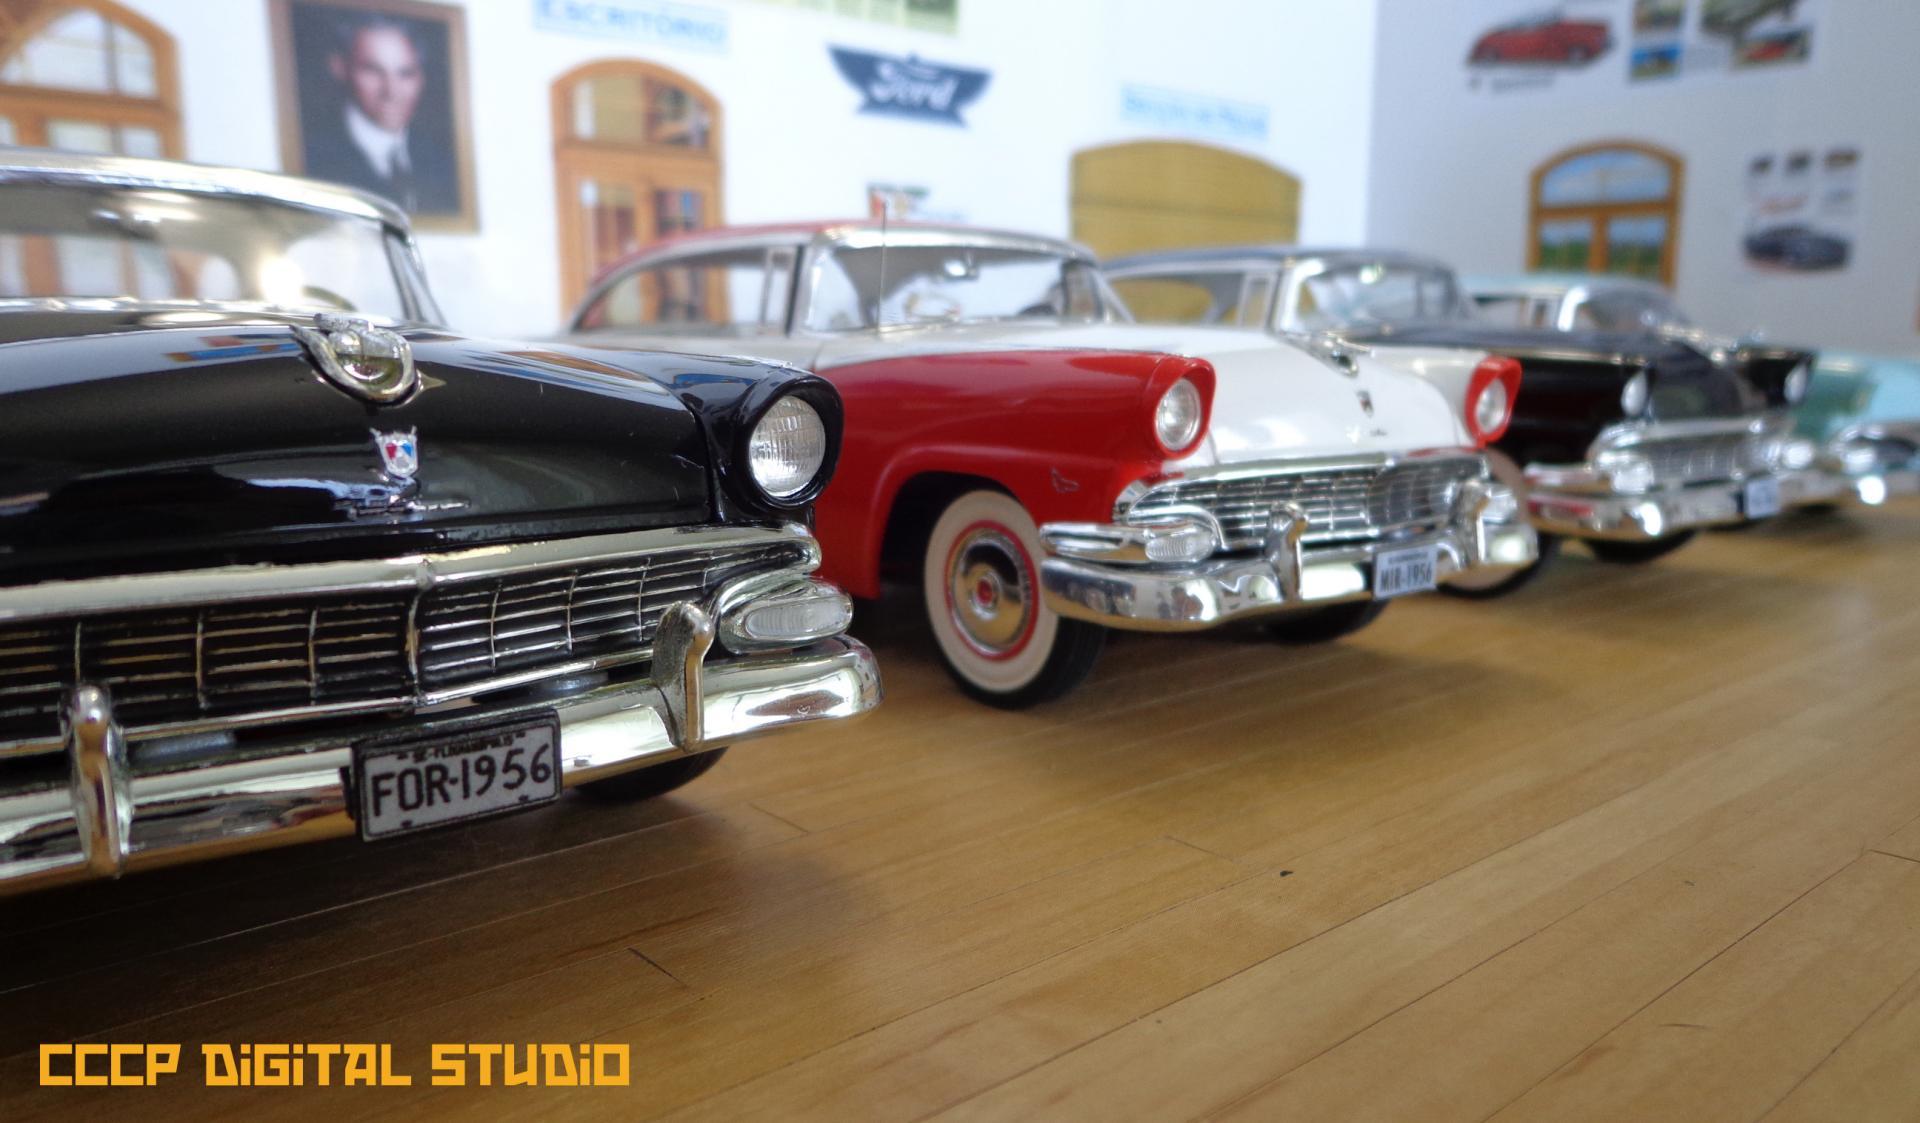 1956 Fords 016 copy.jpg